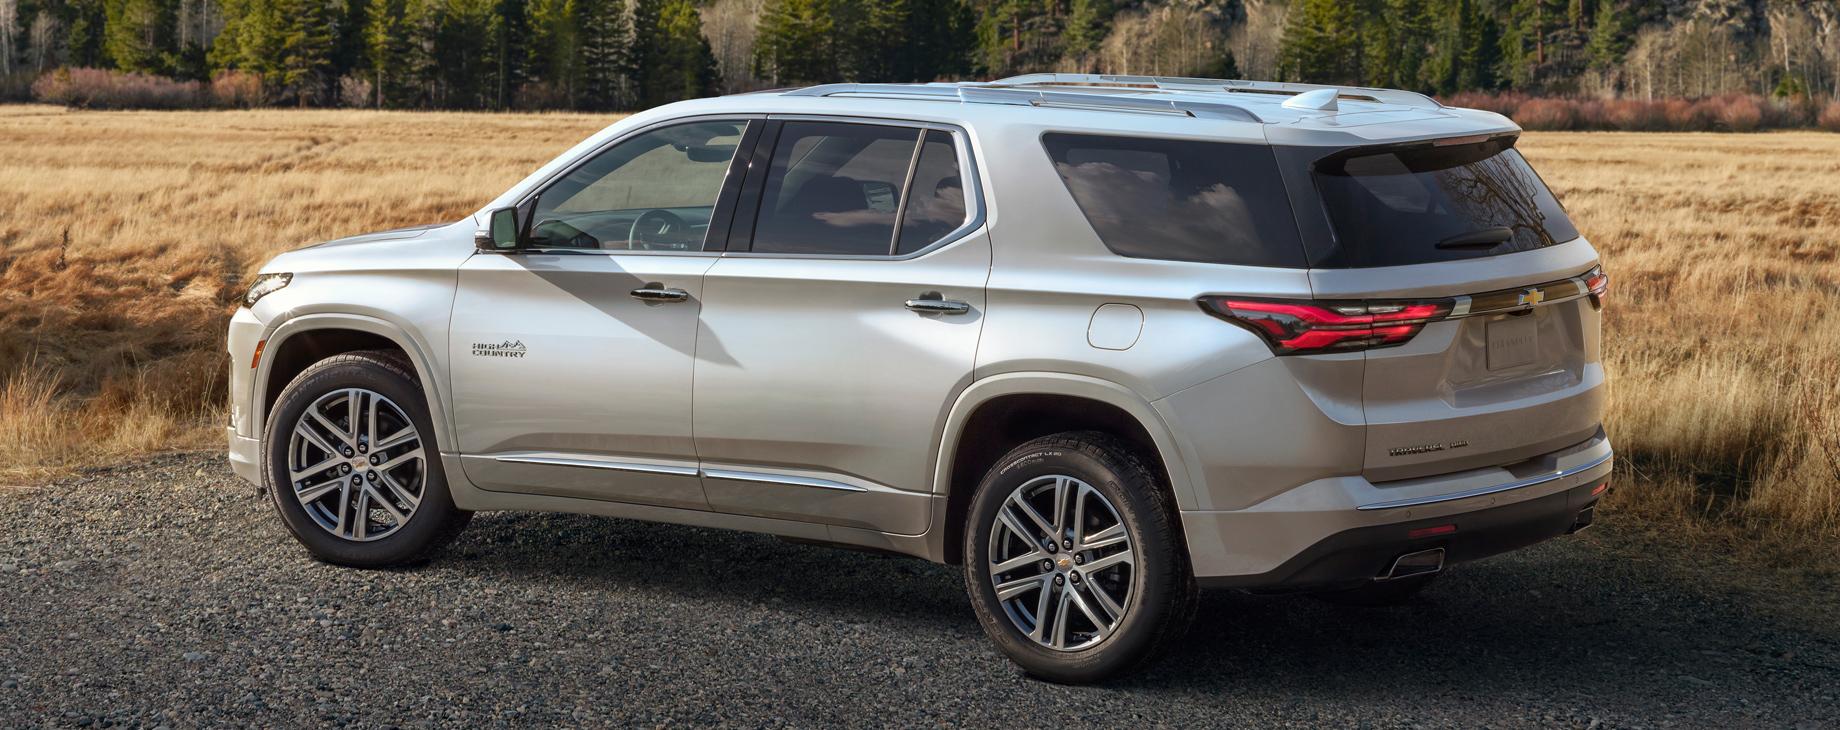 Chevrolet Traverse второго поколения дождался рестайлинга